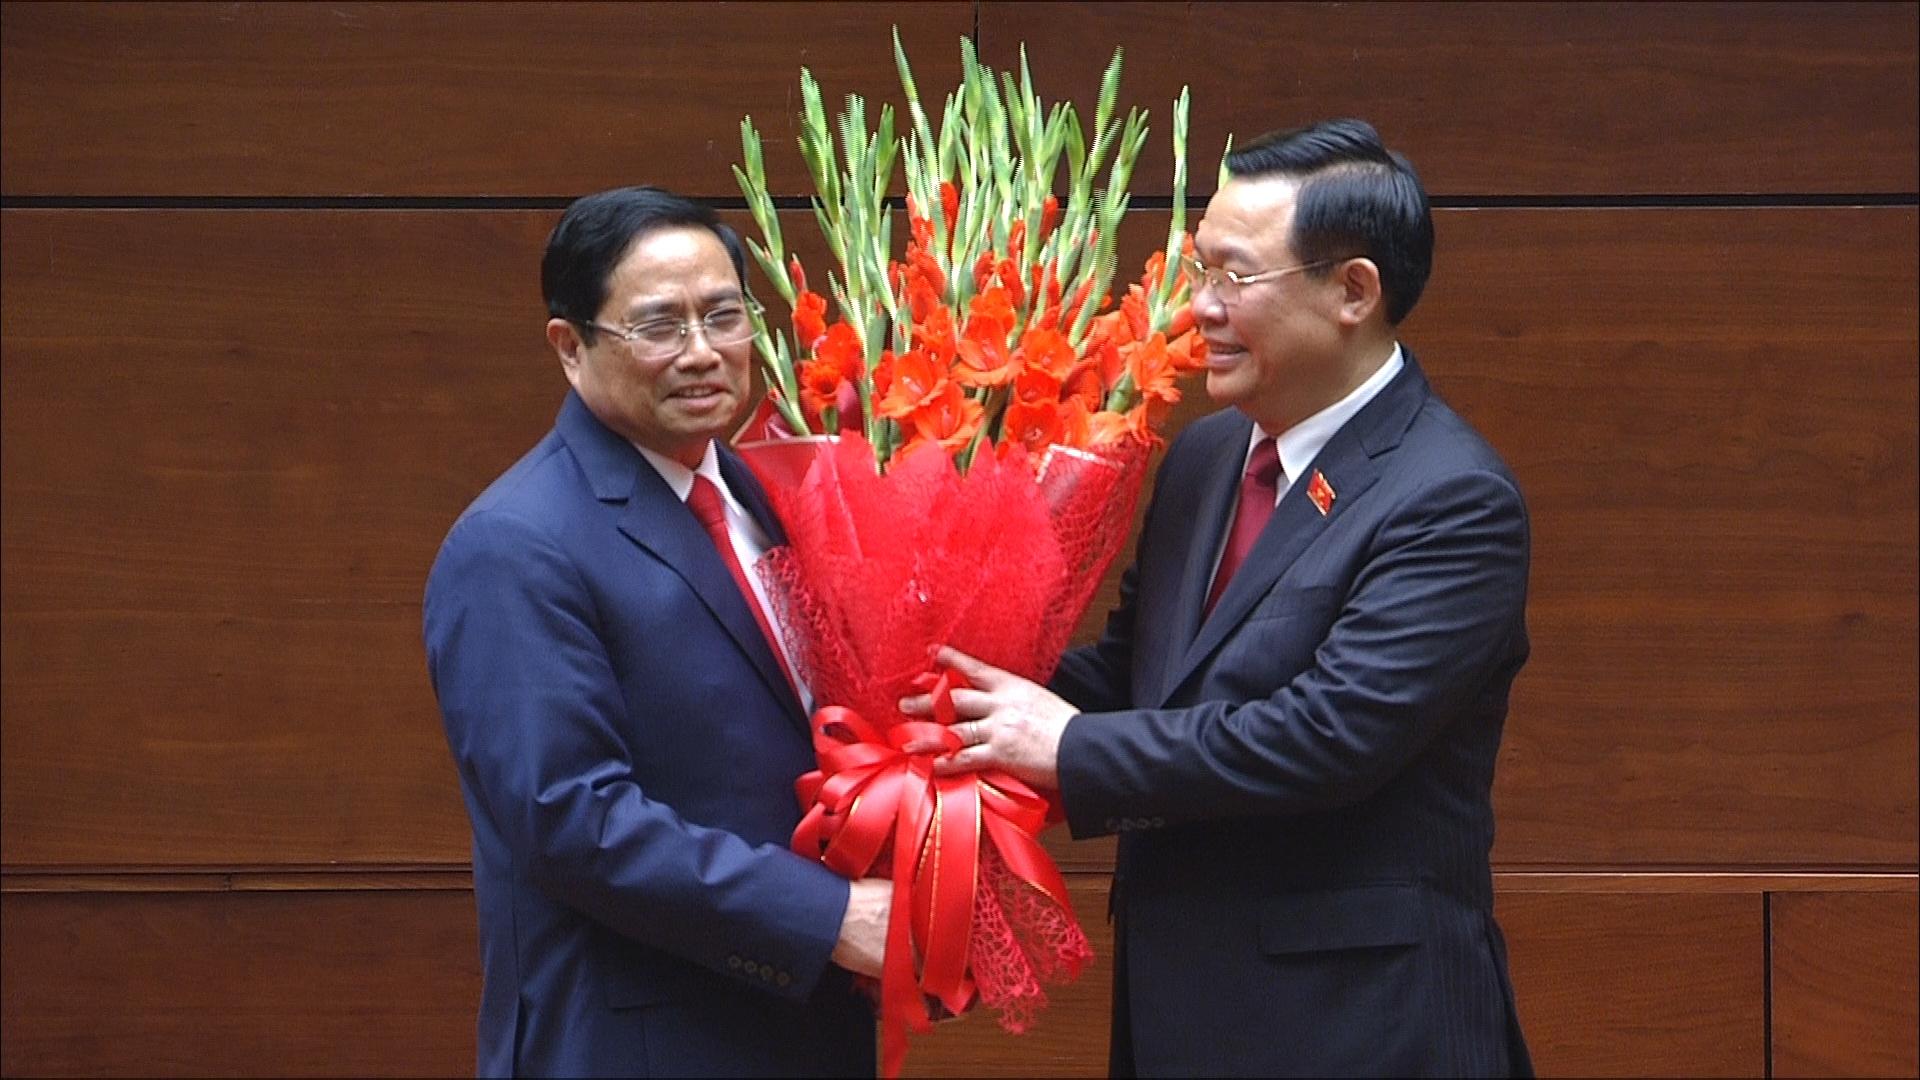 Chủ tịch Quốc hội Vương Đình Huệ tặng hoa chúc mừng Tân Thủ tướng Chính phủ Phạm Minh Chính.